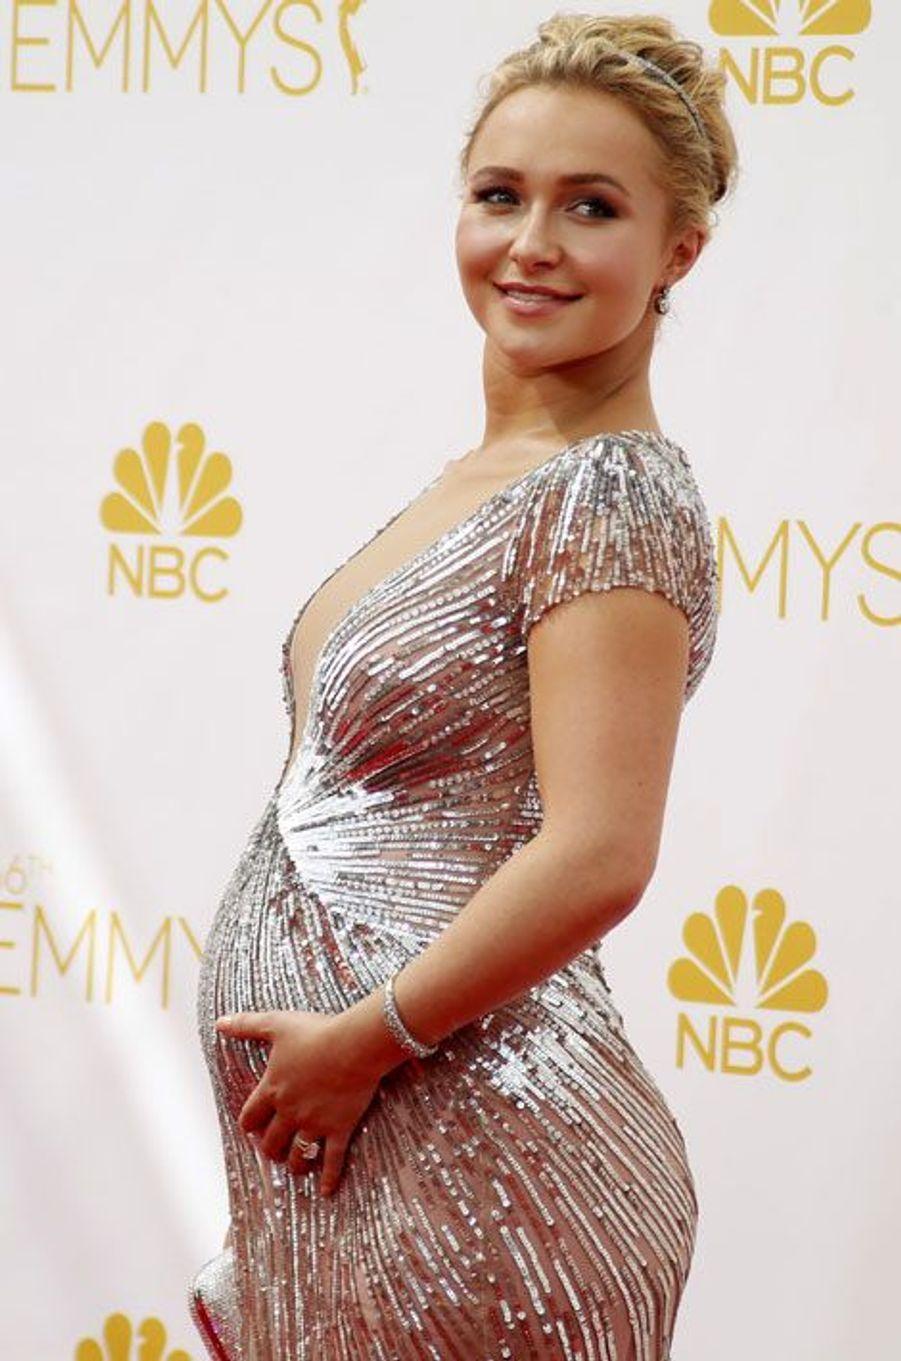 Hayden Panettiere, 24 ans, est enceinte de son premier enfant. Fiancée depuis un an à Wladimir Klitschko, boxeur professionnel, elle est apparue rayonnante aux Emmy Awards, le 25 août dernier, et a même révélé –intentionnellement?- le sexe de son futur enfant: une fille.